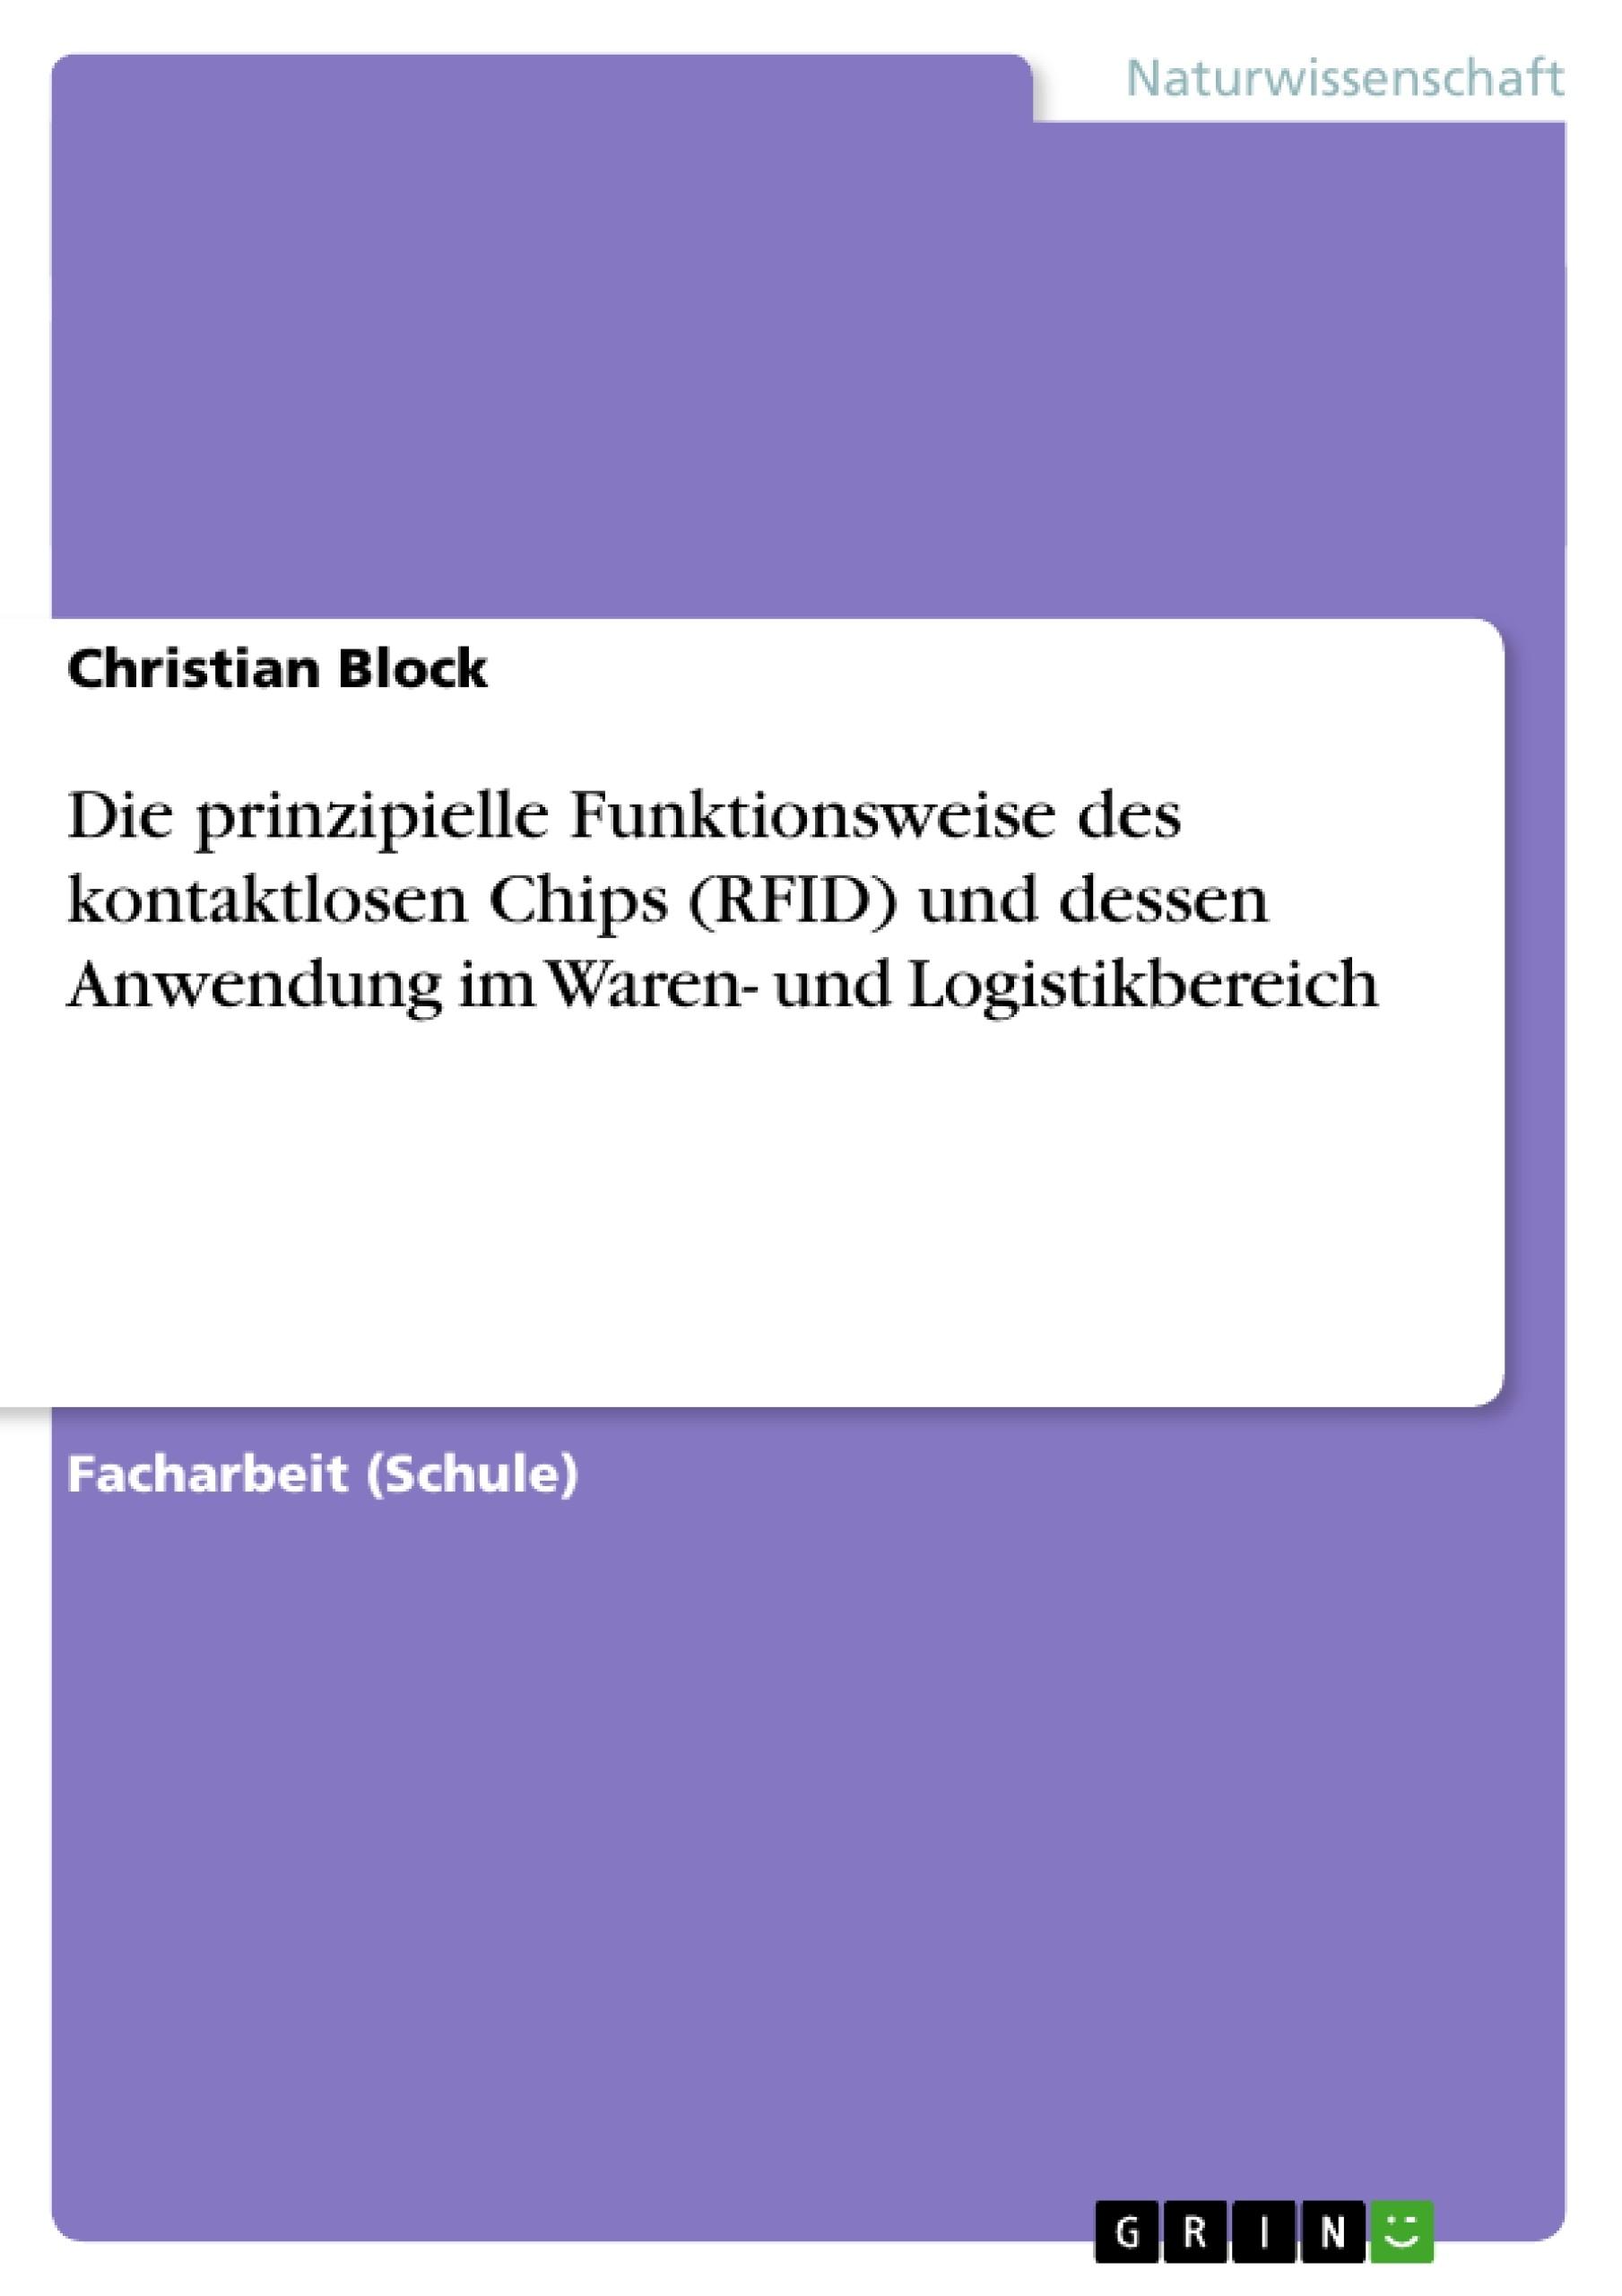 Titel: Die prinzipielle Funktionsweise des kontaktlosen Chips (RFID) und dessen Anwendung im Waren- und Logistikbereich